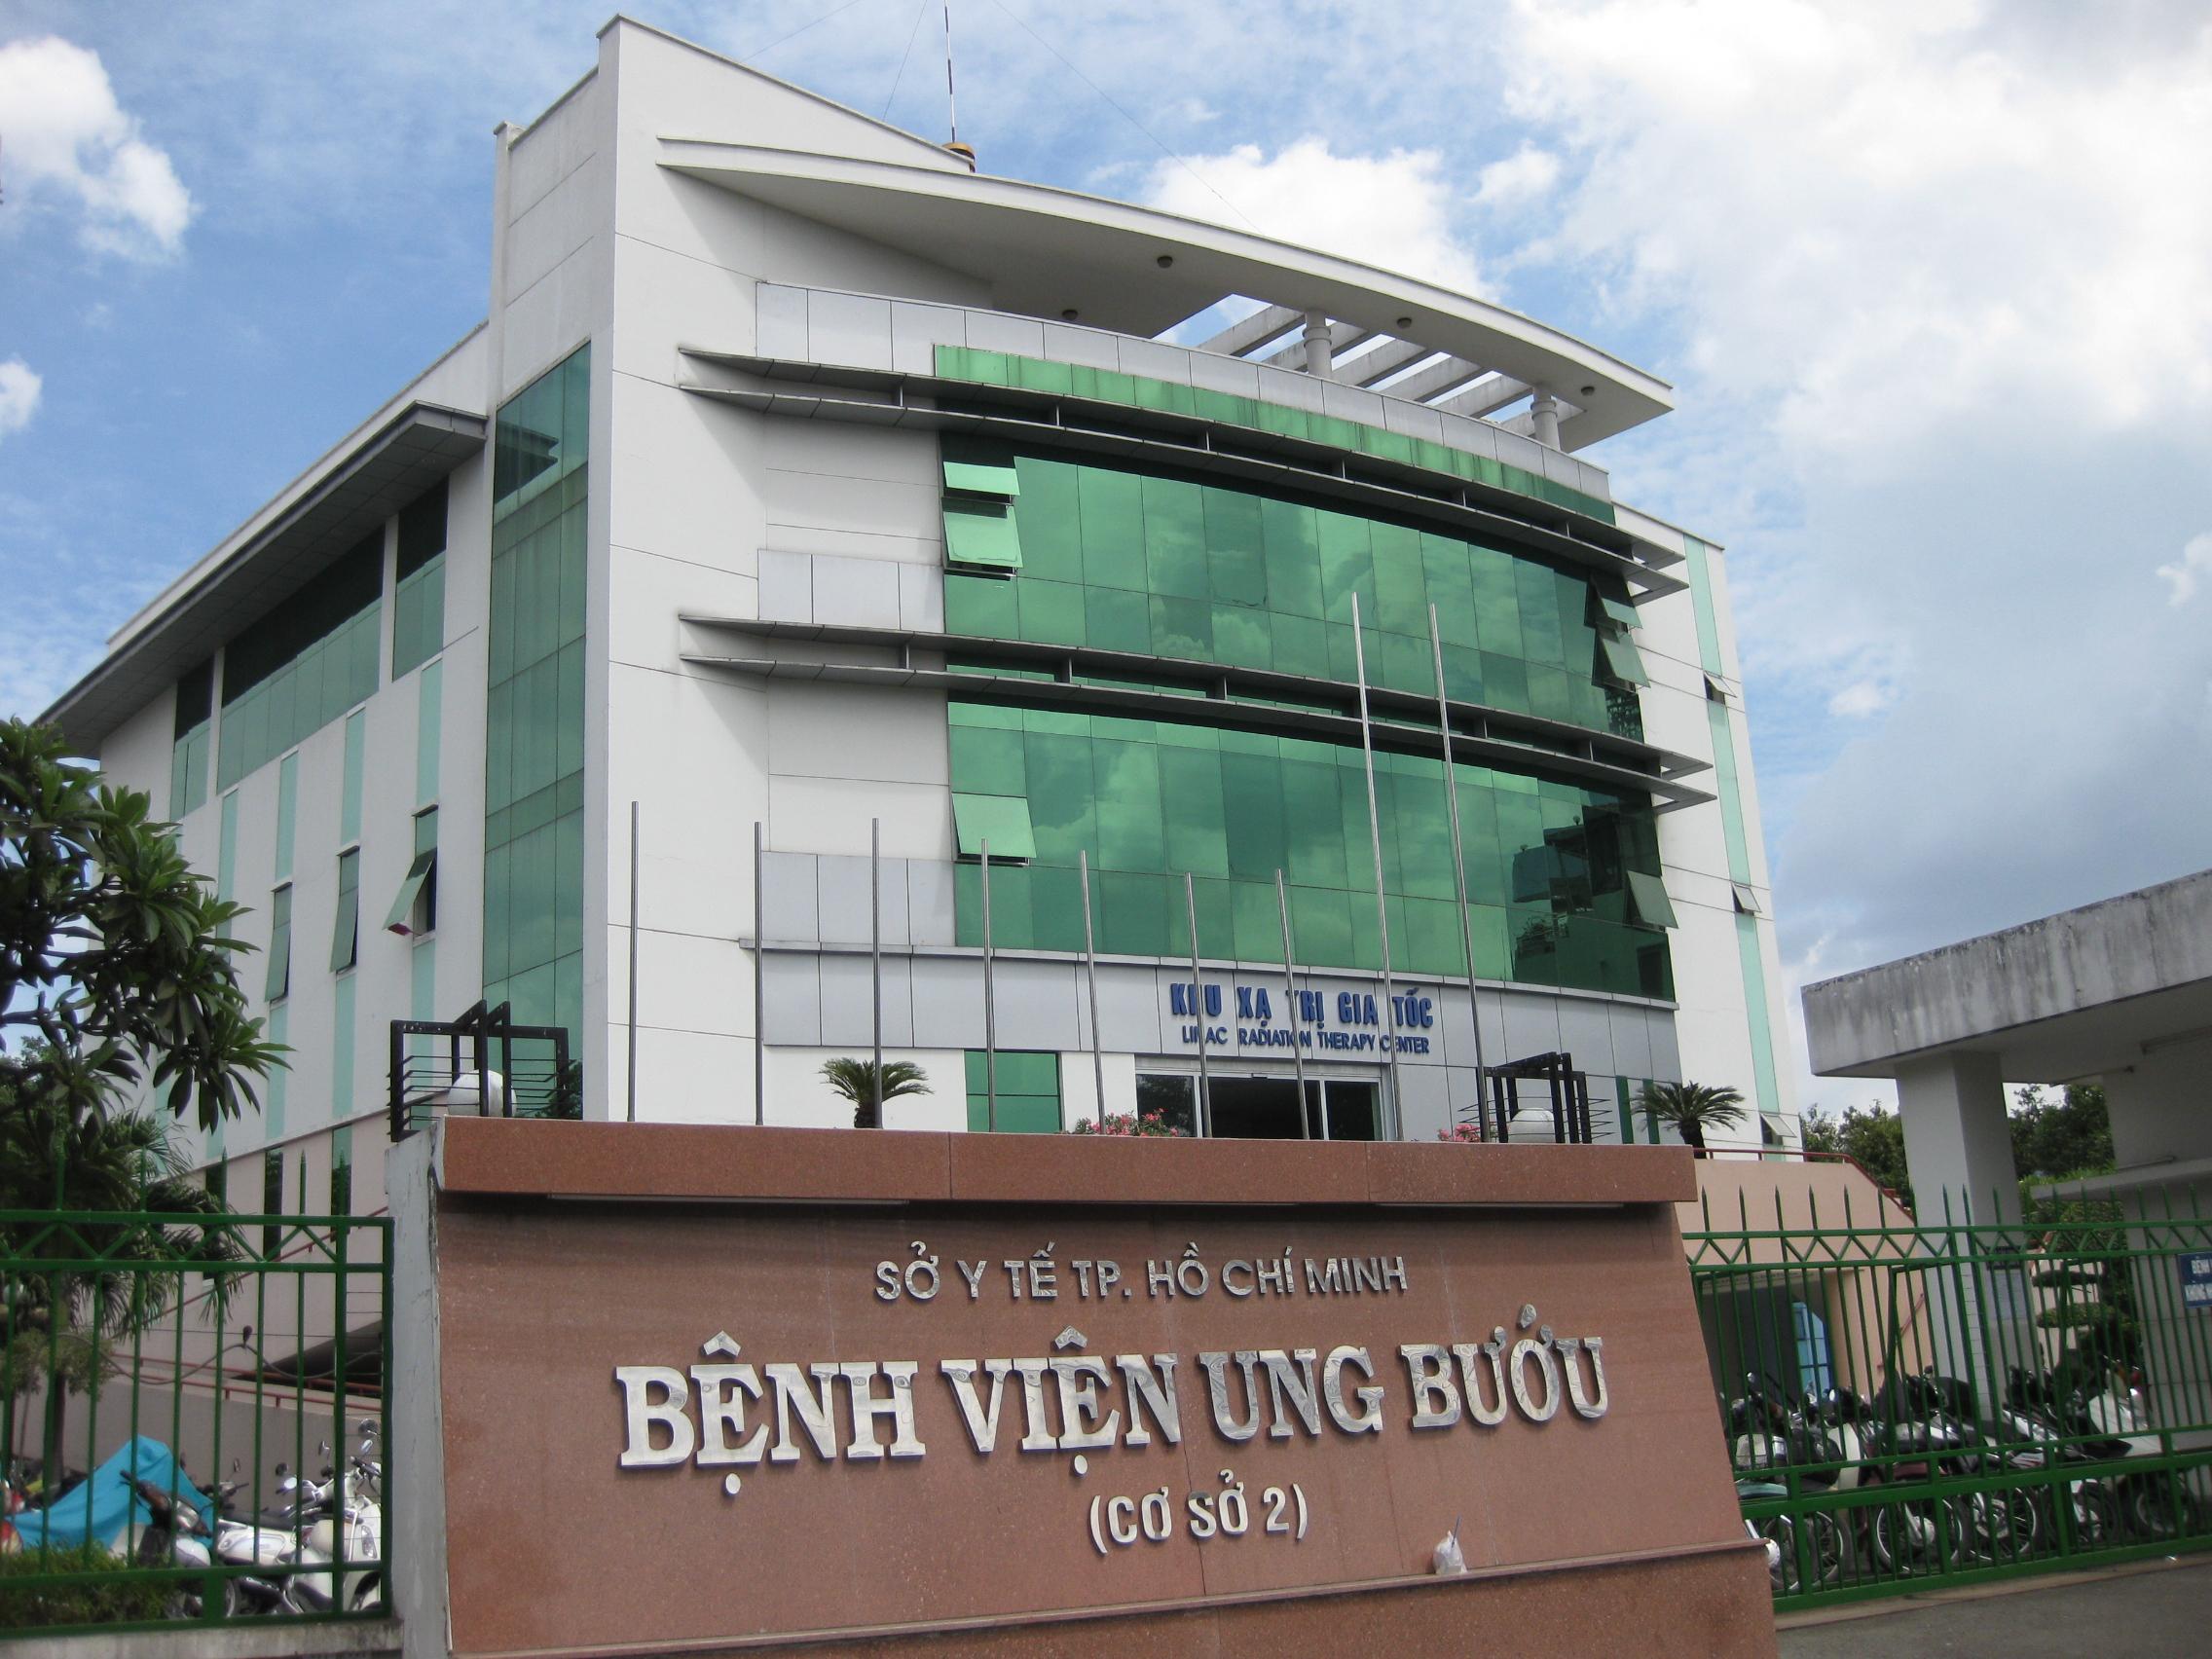 Bệnh viện Ung Bướu TP HCM- địa chỉ chữa bệnh ung thư chất lượng